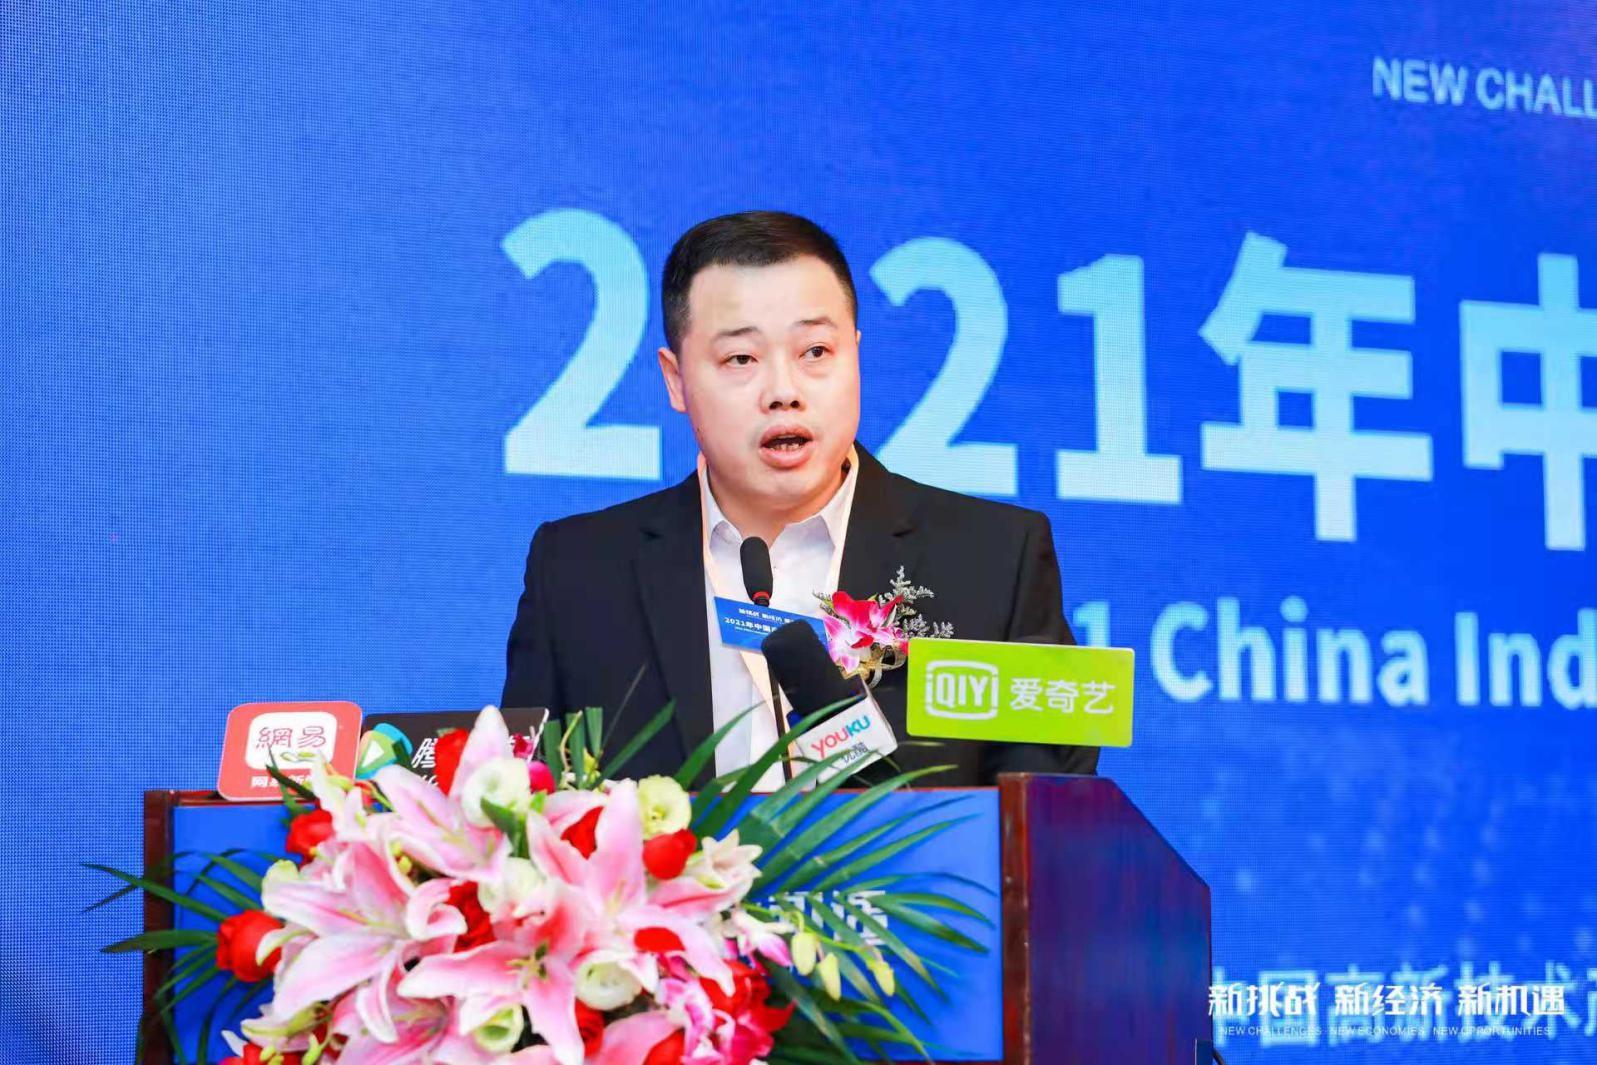 產業互聯任翱翔 集元集團董事長吳坤源在2021產業互聯峰會激情演講